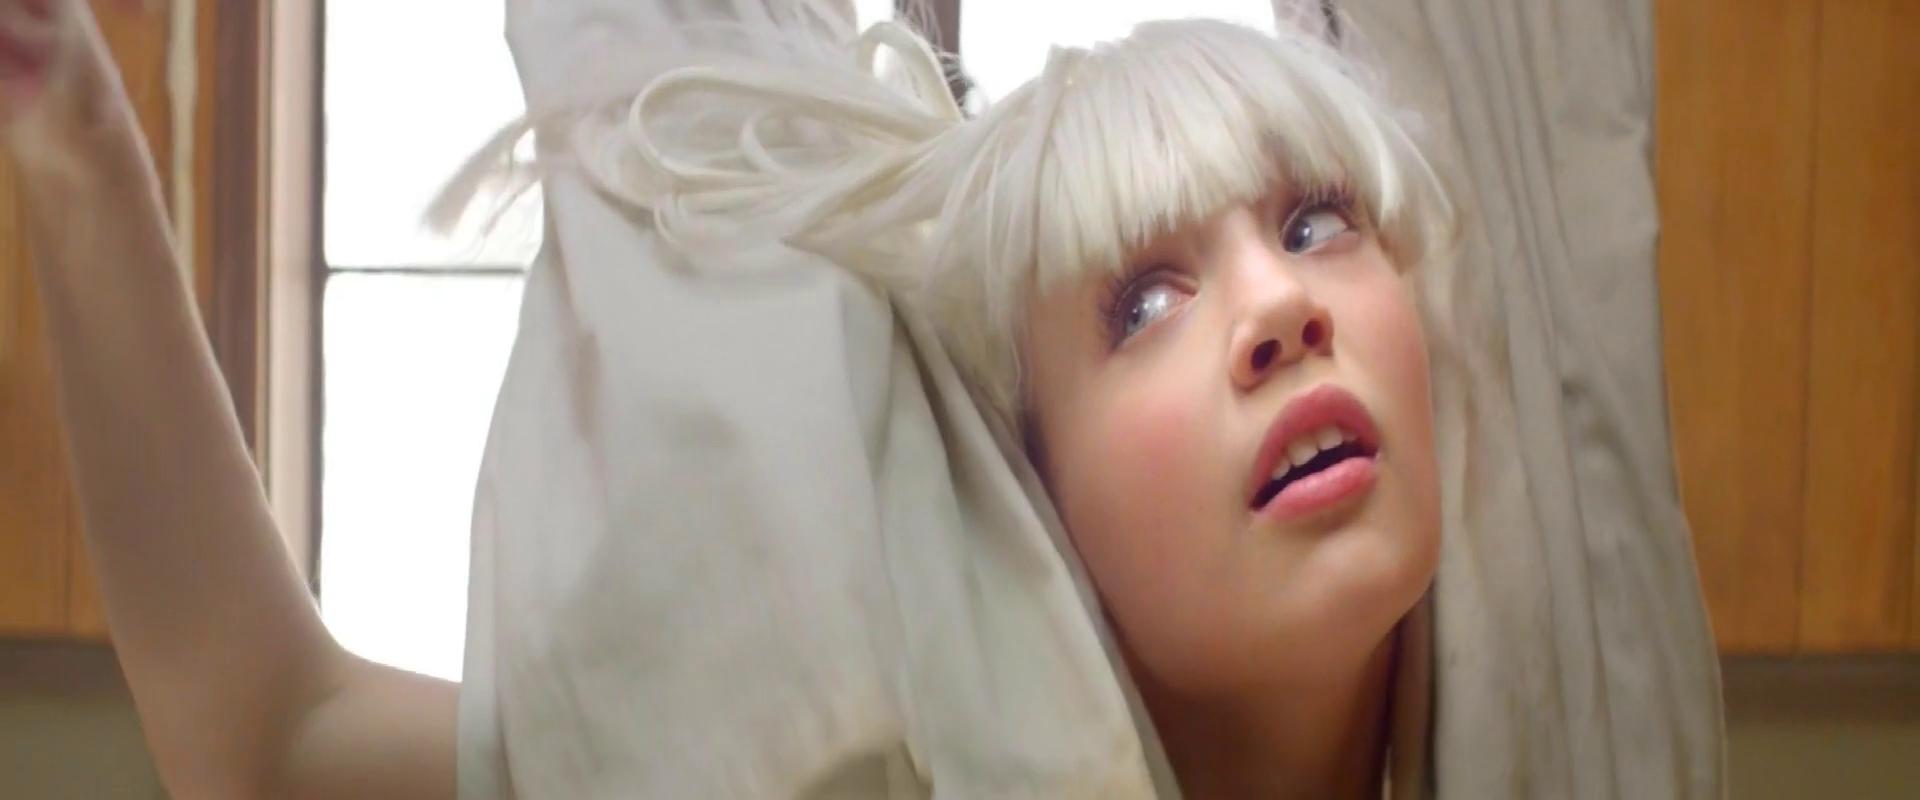 Скачать клип Sia - Chandelier бесплатно по прямой ссылке без...